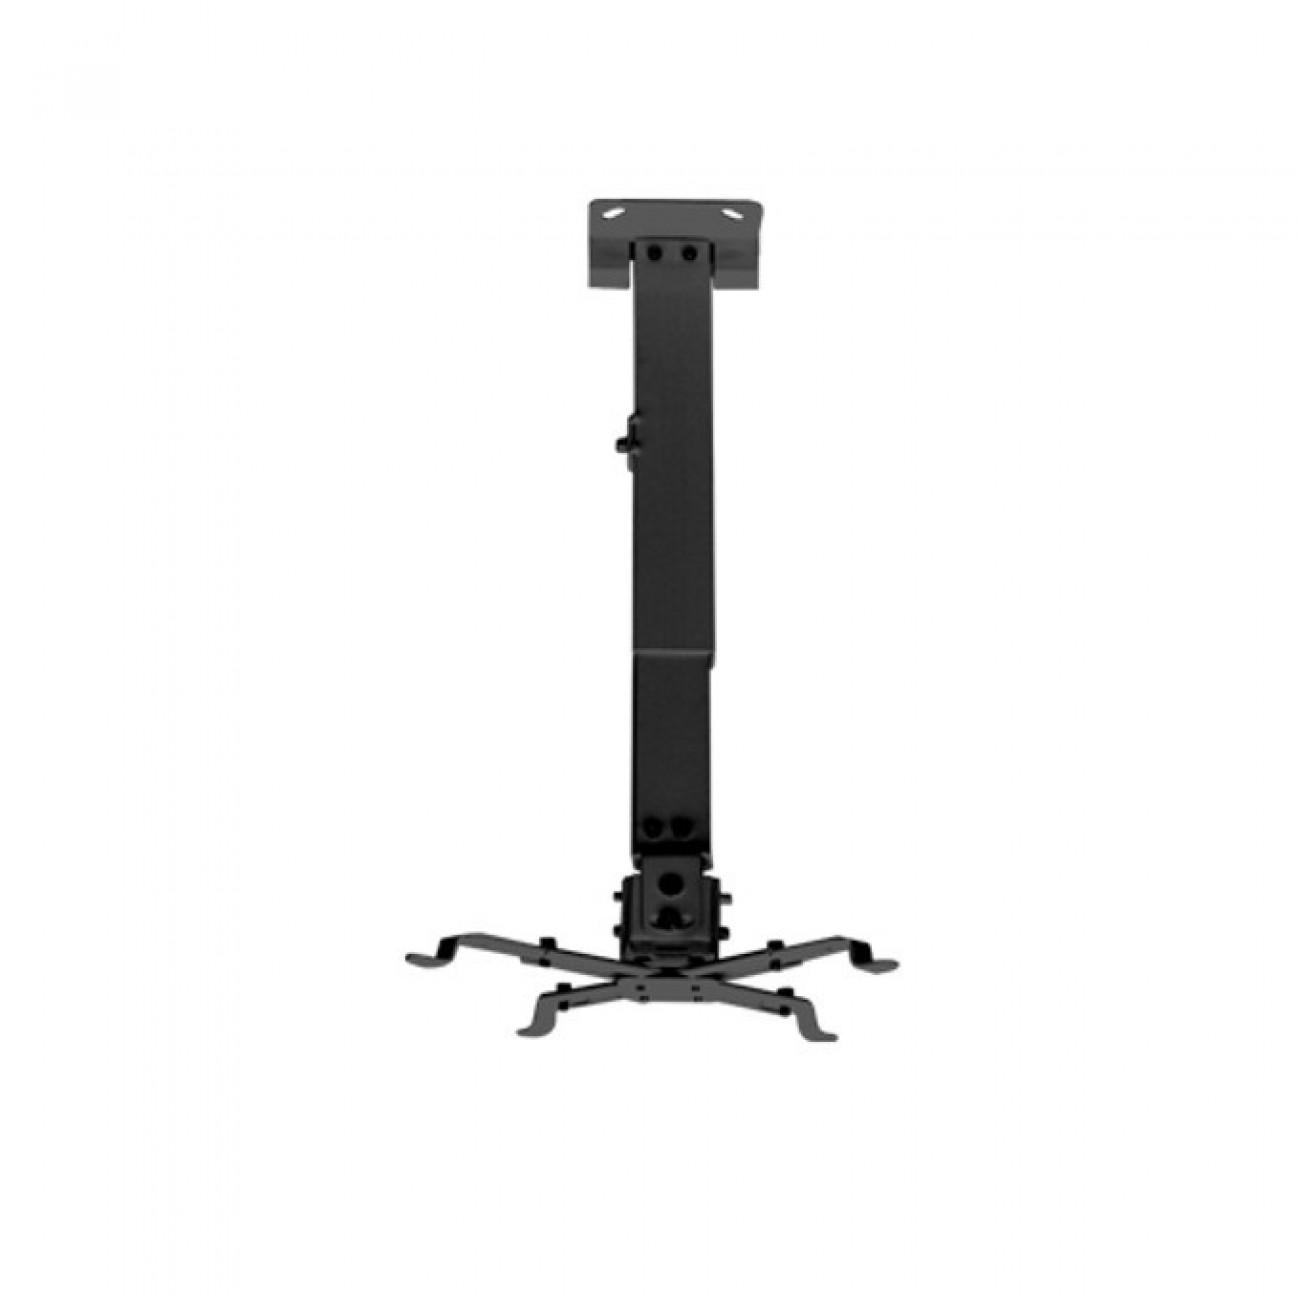 Cтойка за проектор Sunne PRO02, до 20kg в Презентация аксесоари -  | Alleop